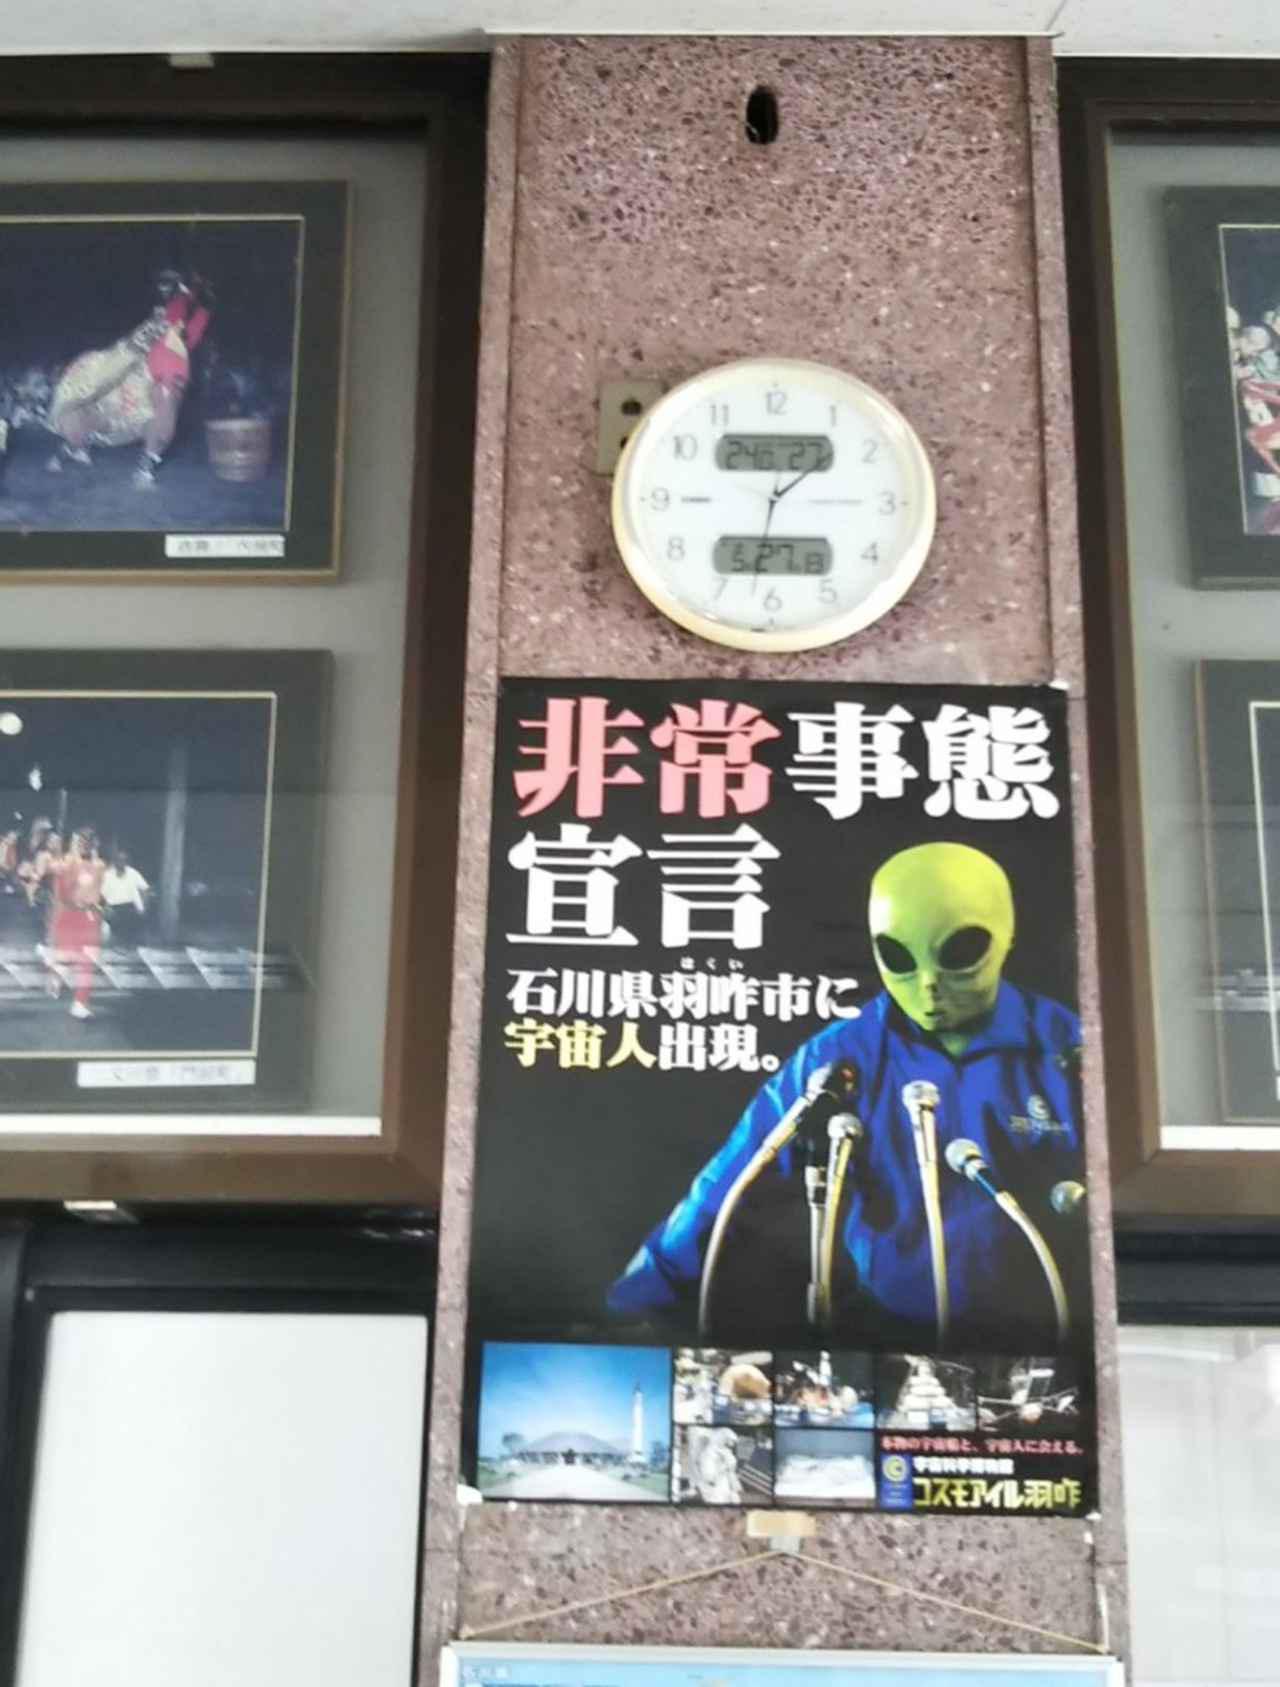 画像4: 羽咋市と宇宙の謎に迫る!? 福山理子がSSTRのゴール地点石川県千里浜周辺のおすすめスポットをご紹介!